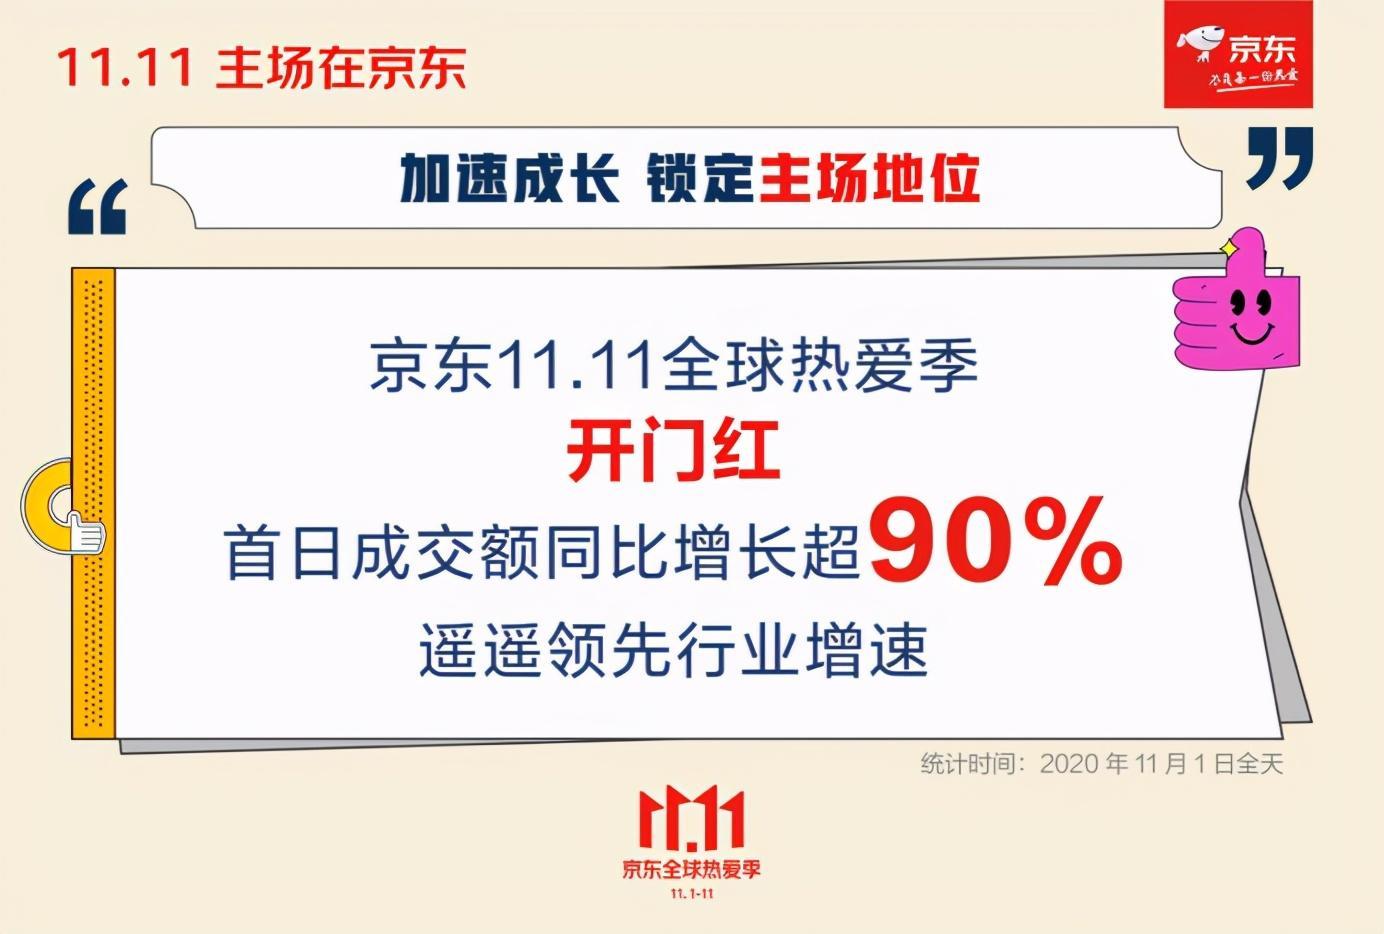 京东11.11开门红首日增长超90%,锁定绝对主场